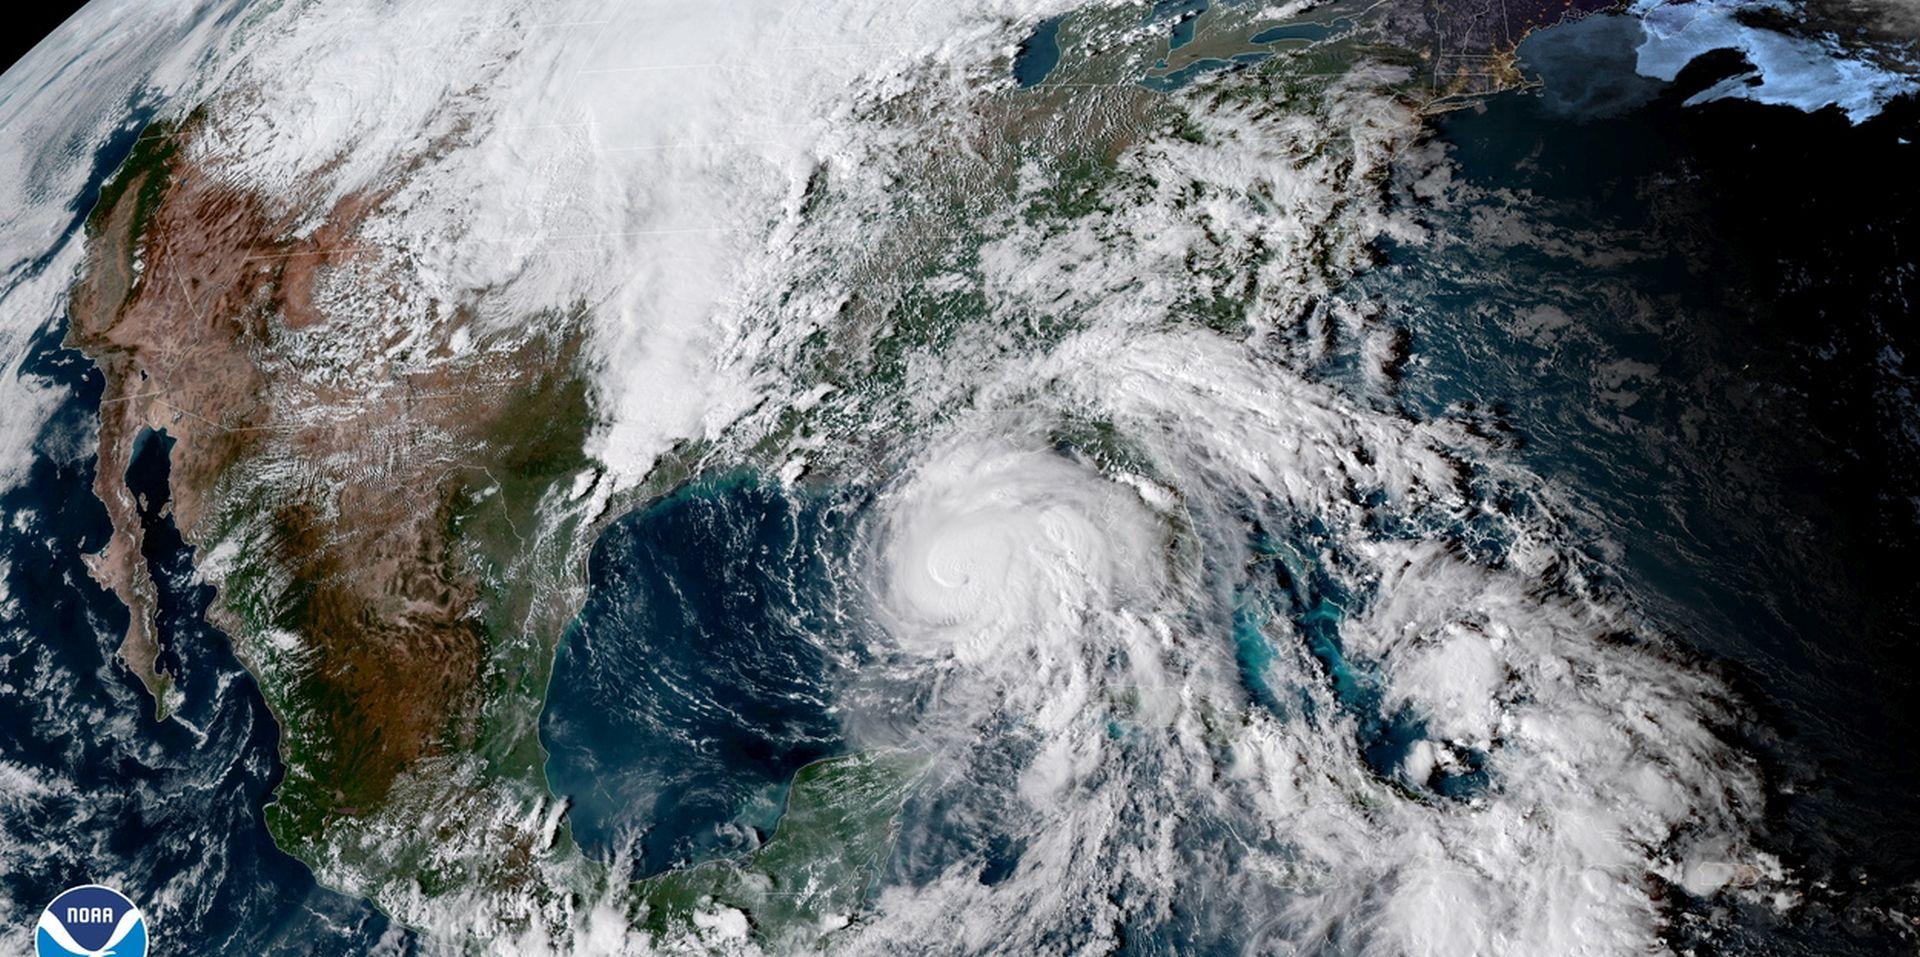 Uragan Michael odnio najmanje dva života, poginulo 11-godišnje dijete